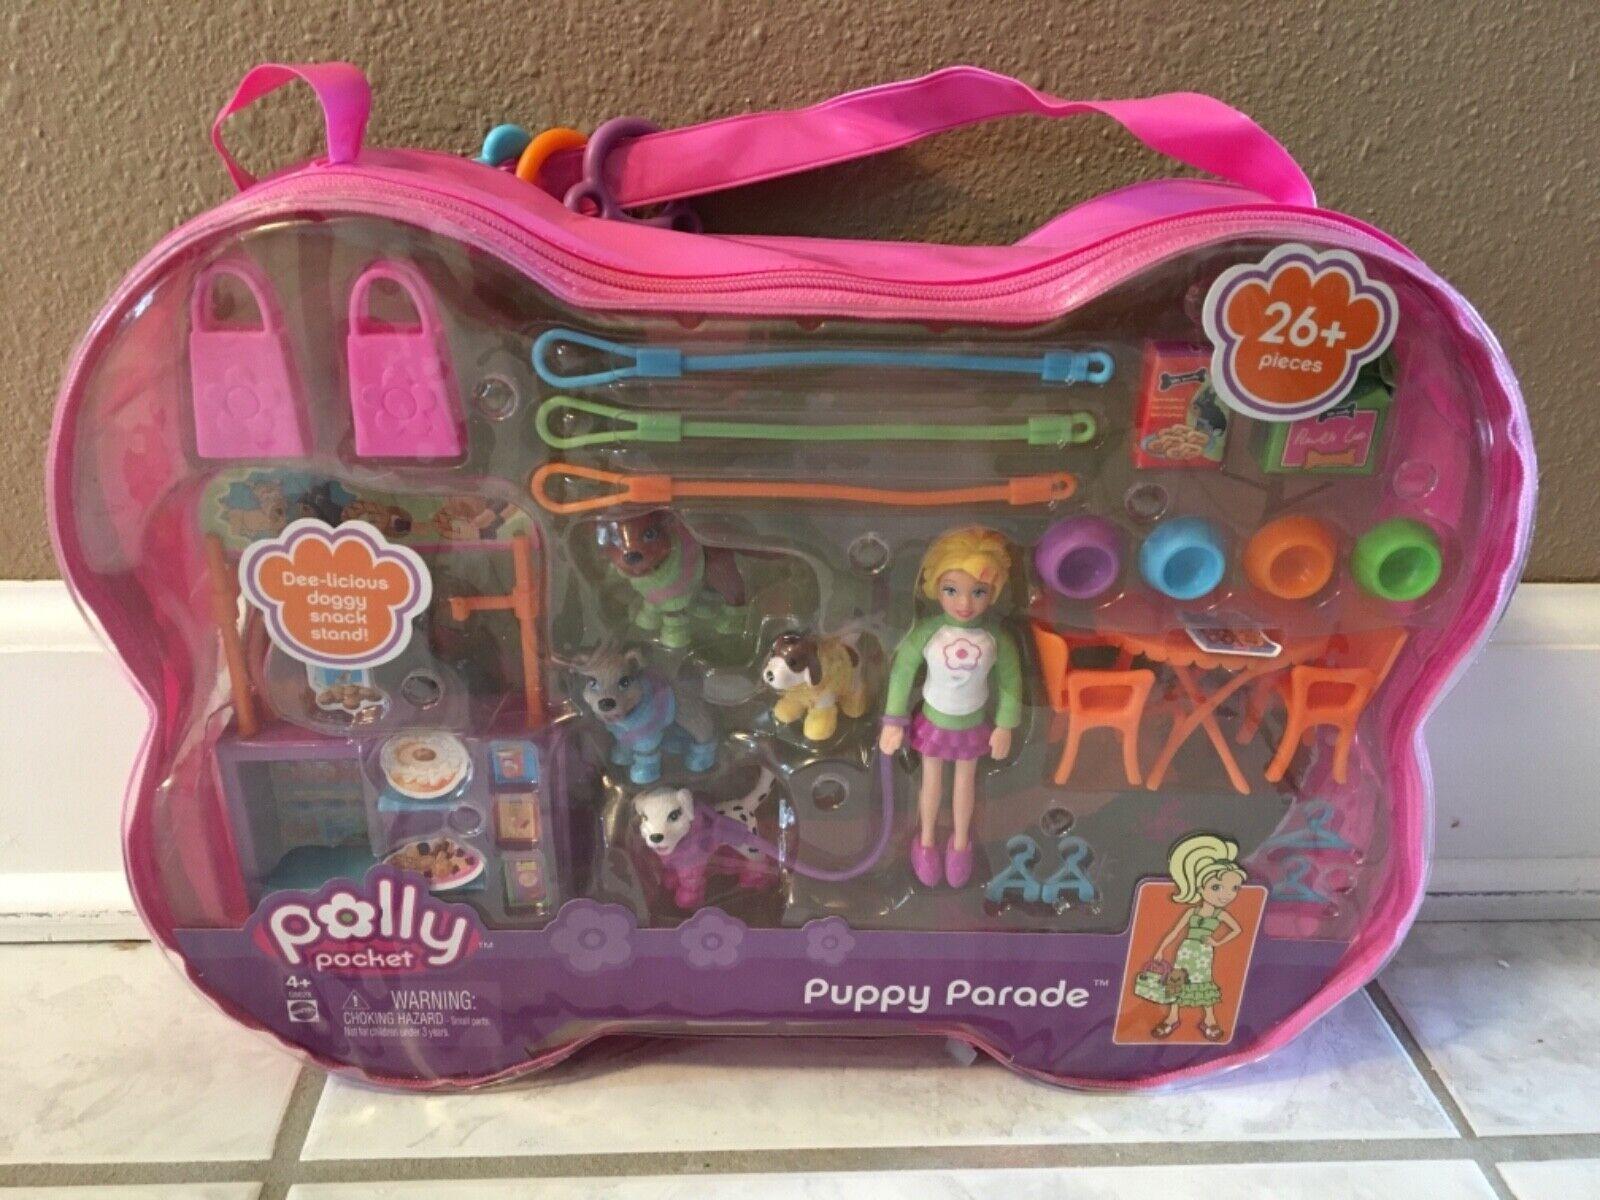 Nueva Muñeca Polly Pocket Cachorro Perro desfile conjunto Mattel Vintage 2005 Rara